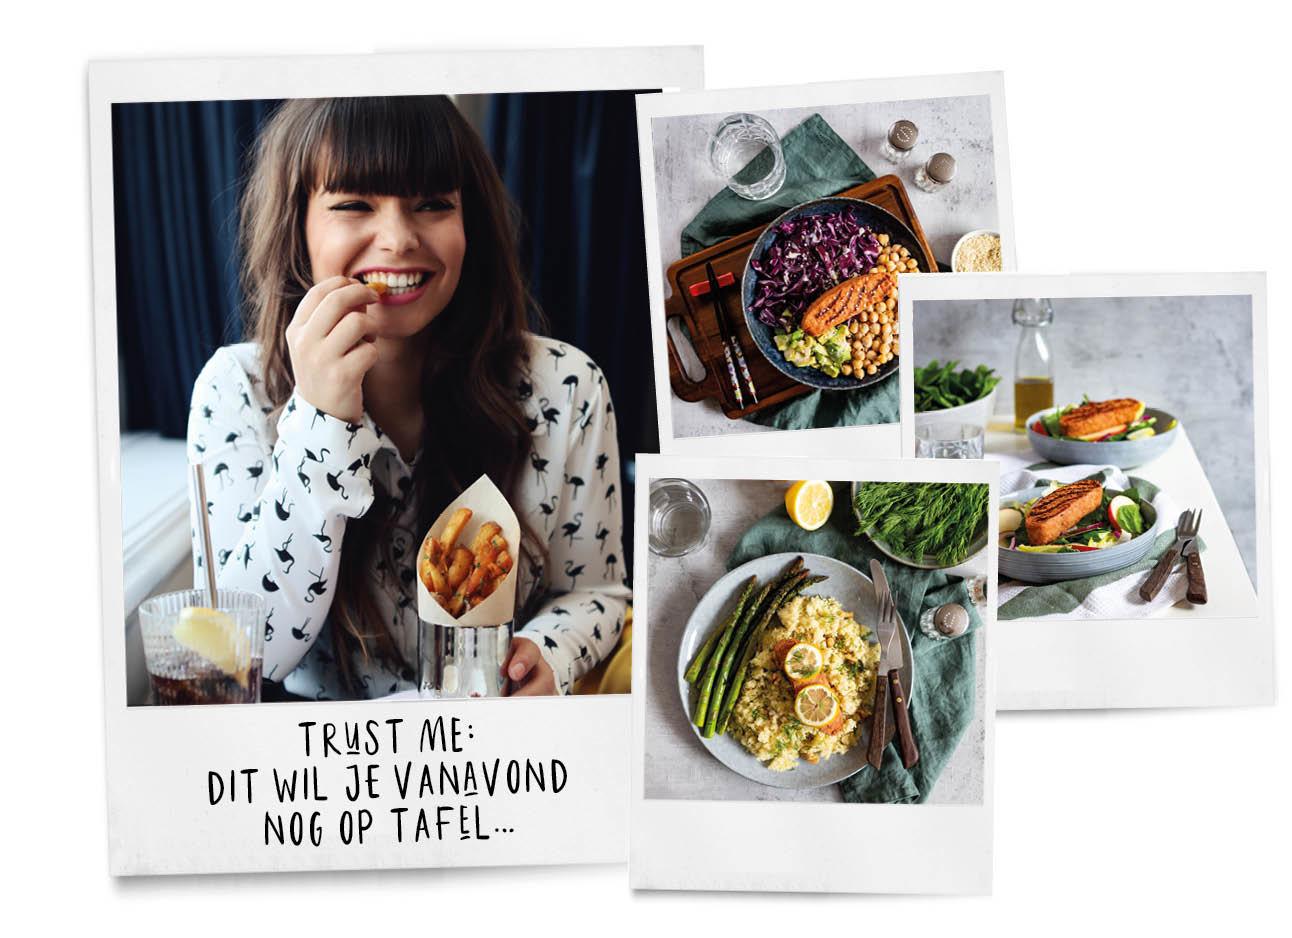 kiki duren lachend friet eten en verschillende zalm gerechten